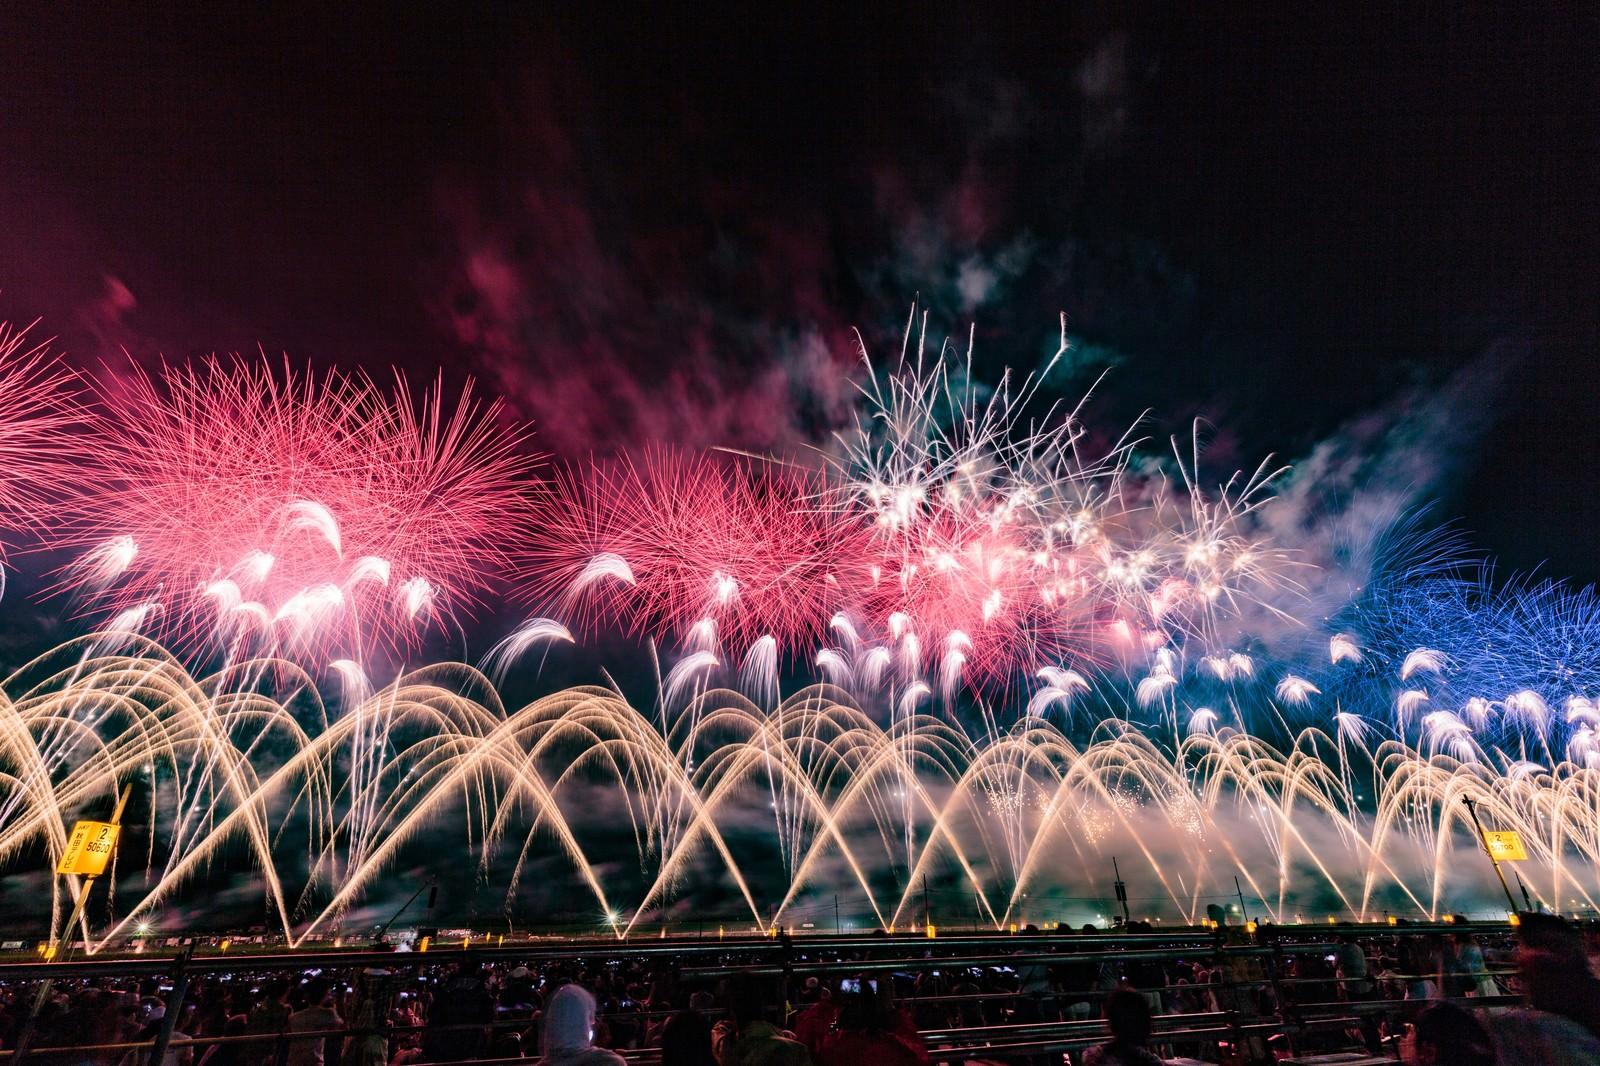 「大曲の花火大会の様子」の写真